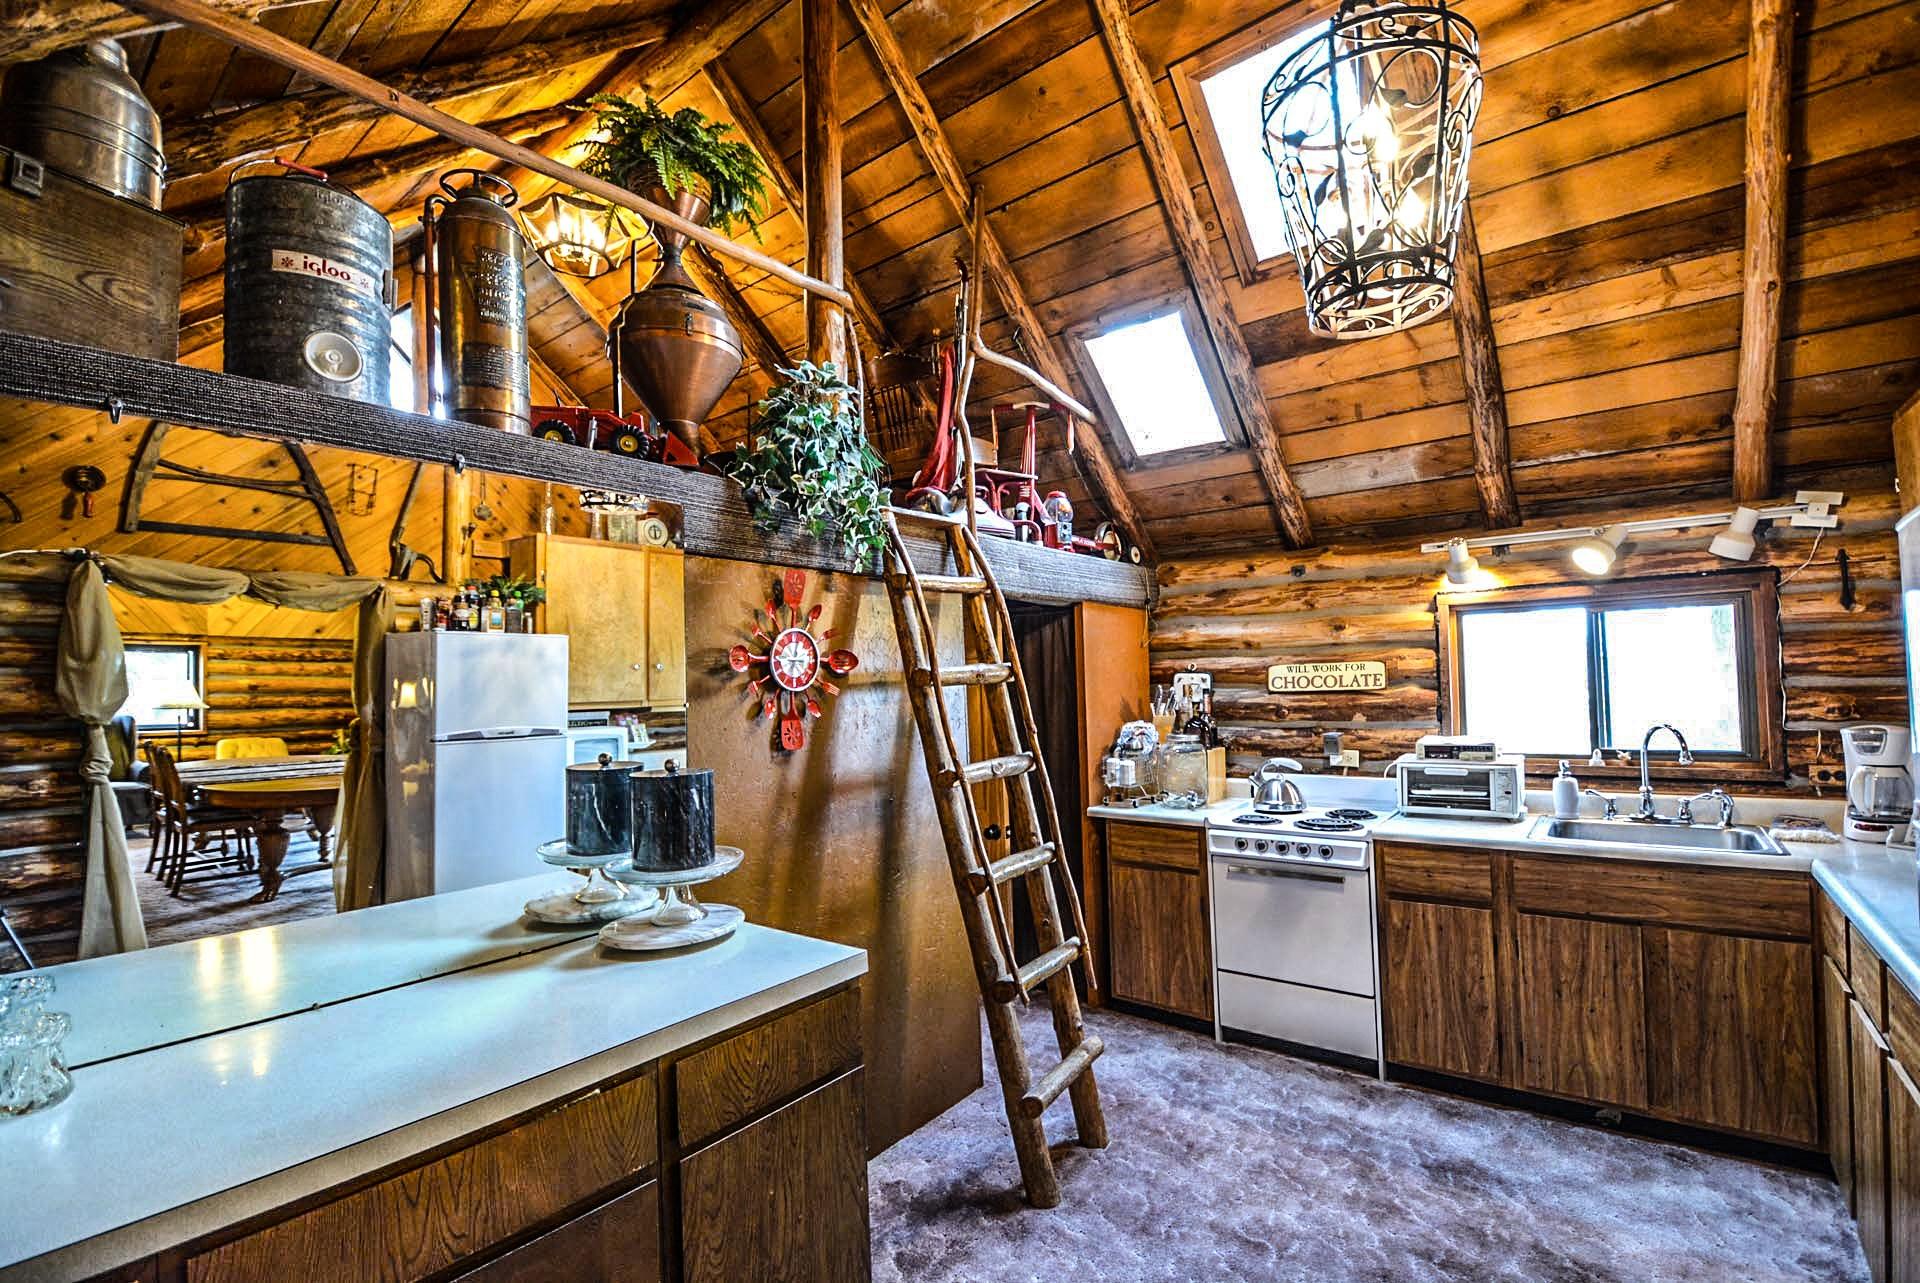 Kostenlose foto : Haus, Innere, Restaurant, Zuhause, rustikal ...